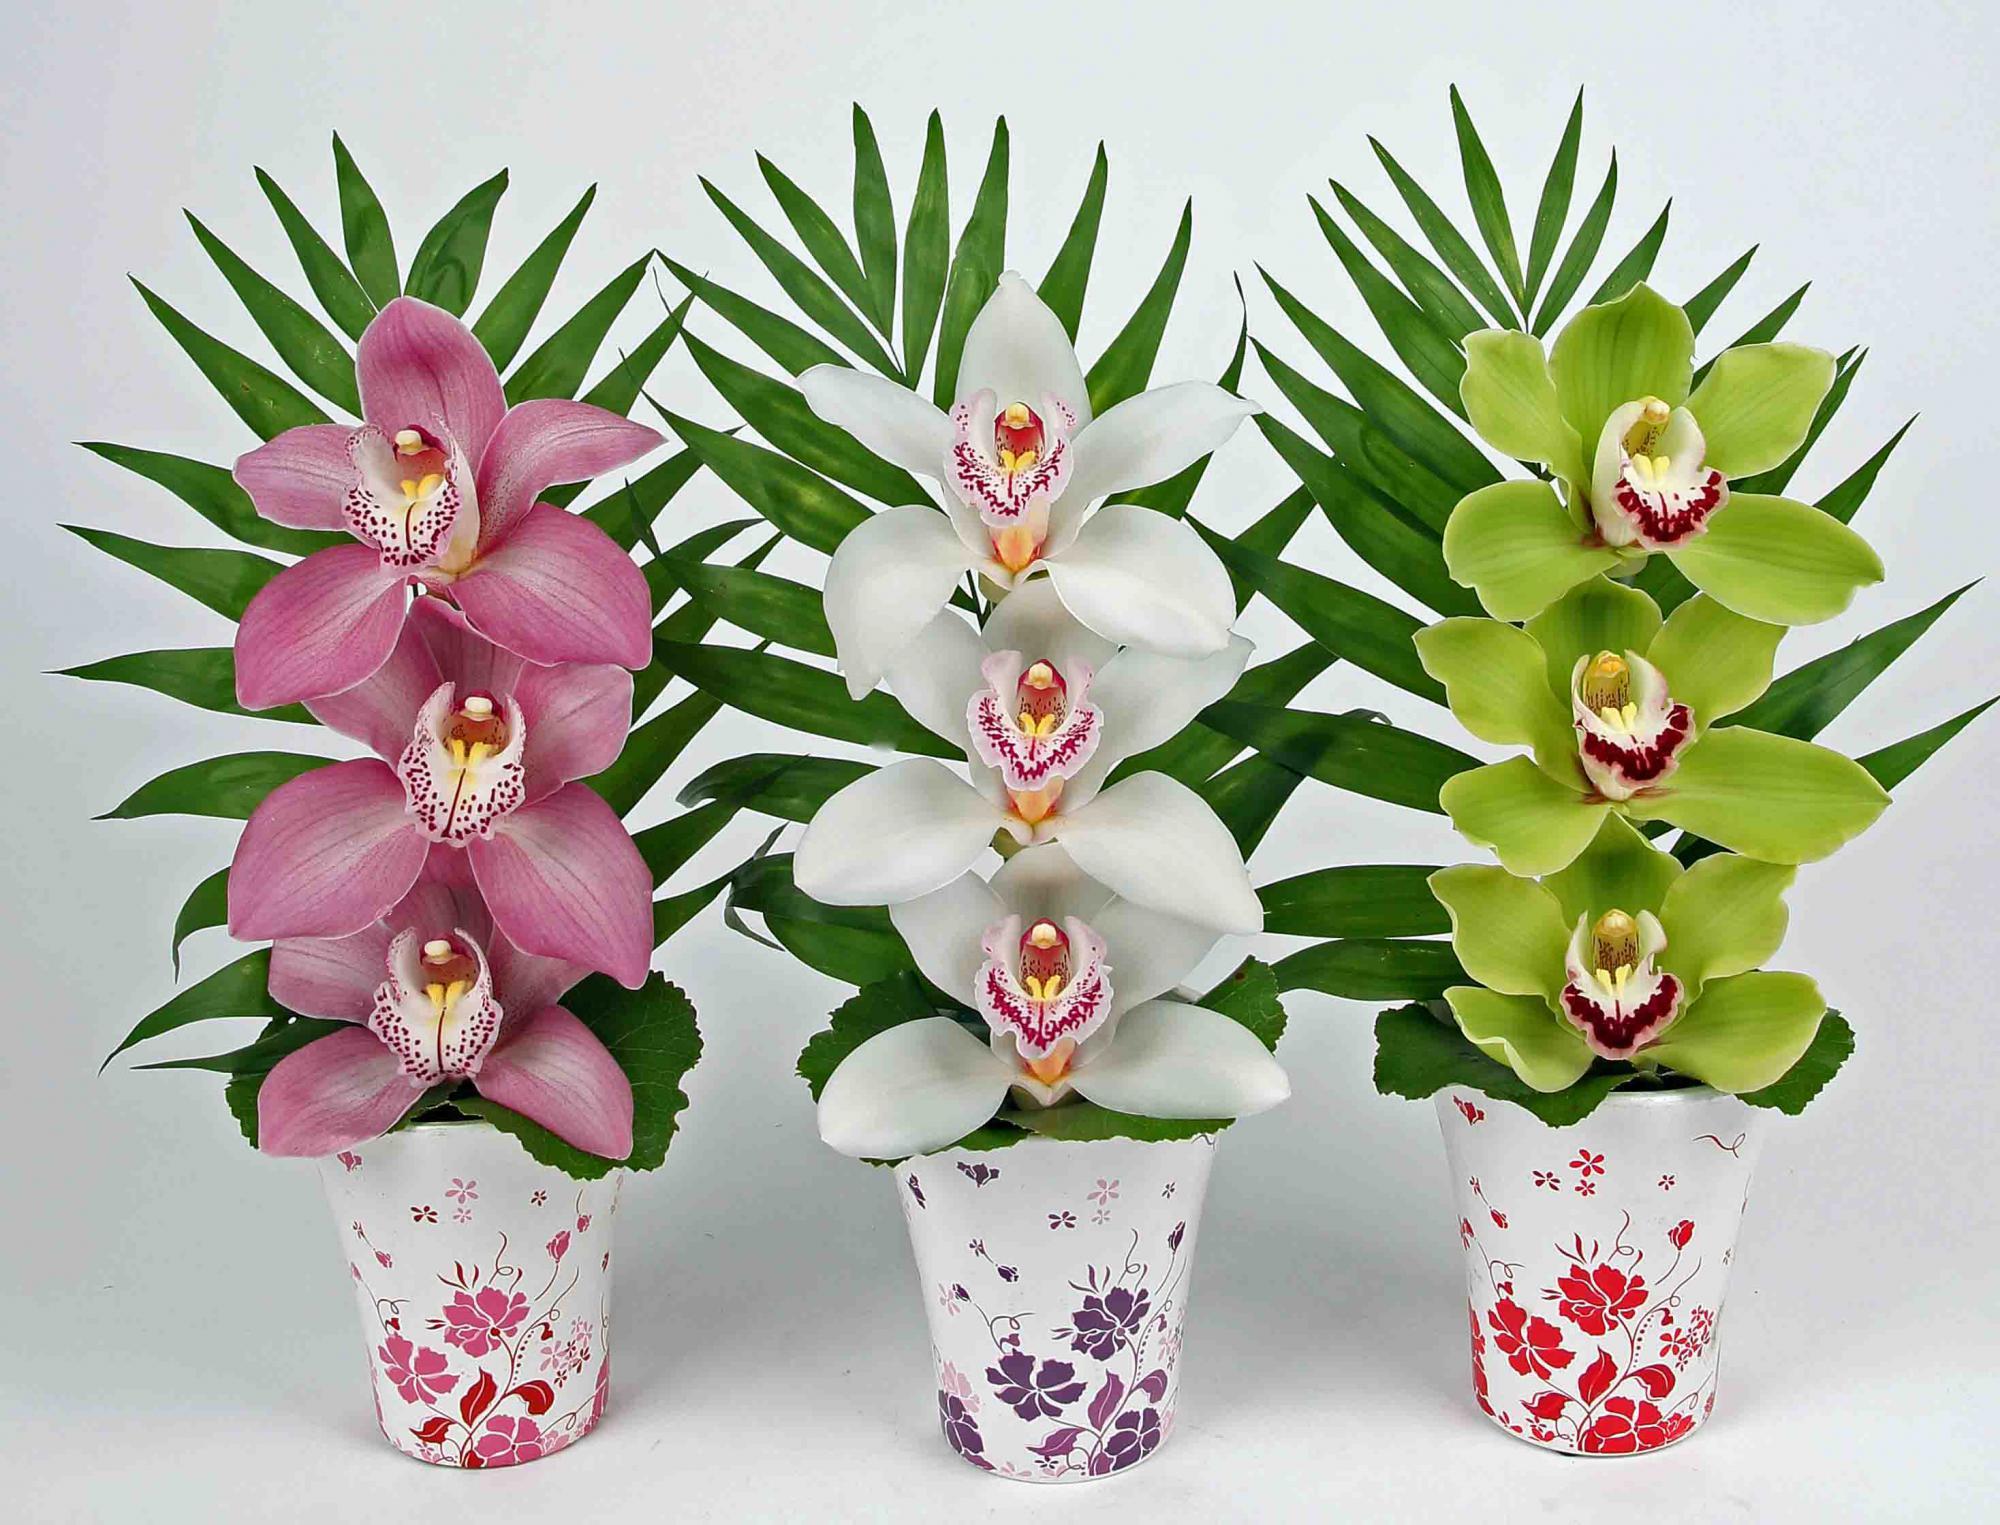 Bloem vaas met 3 orchideeën